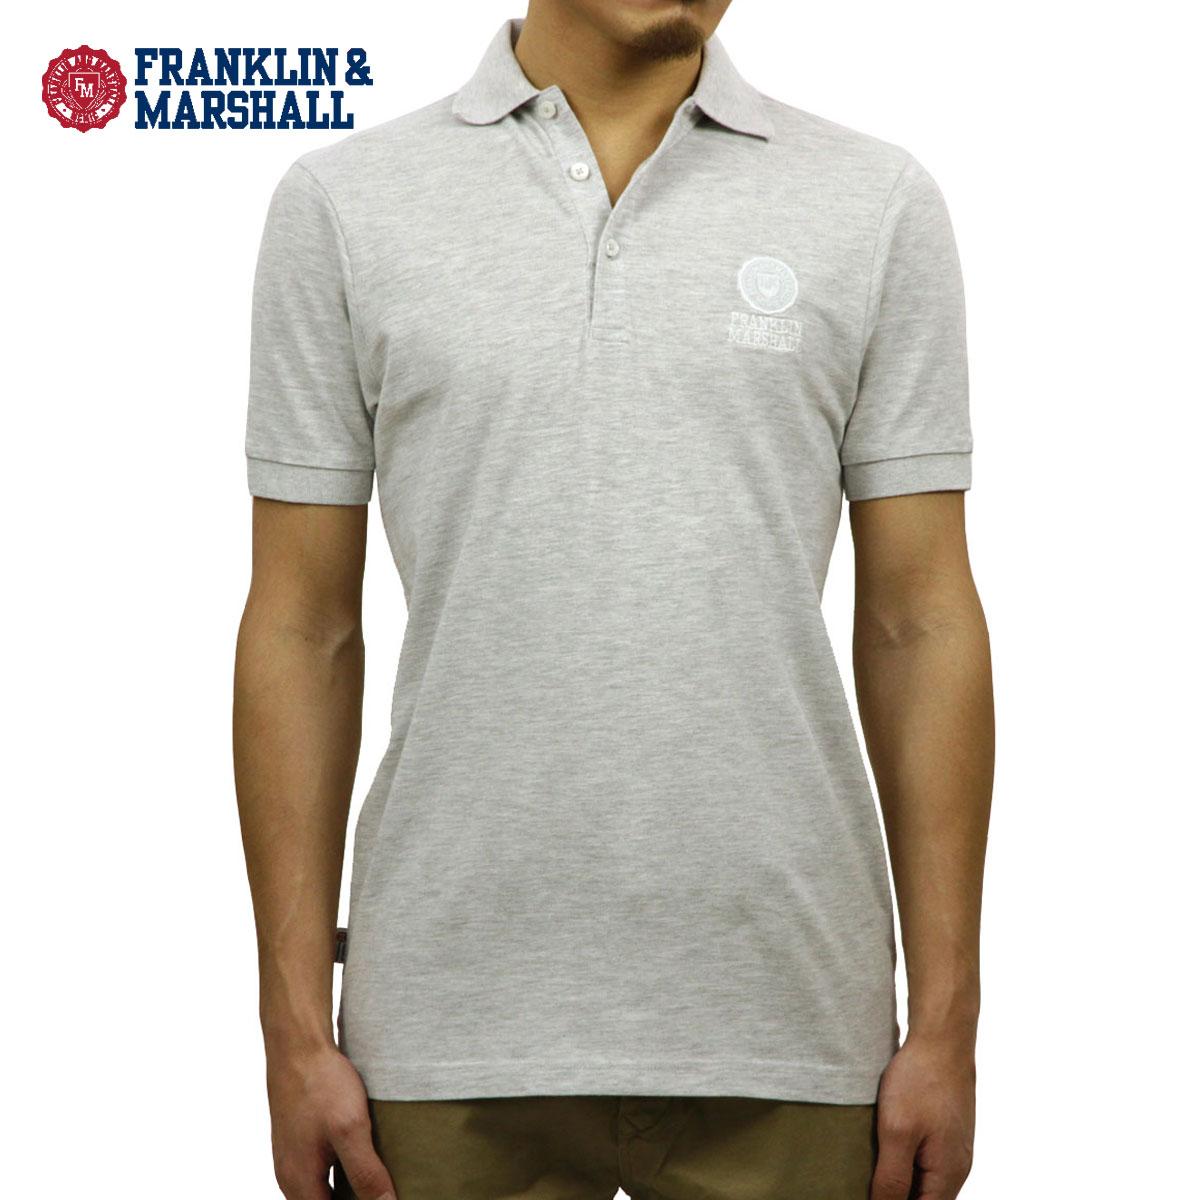 フランクリン マーシャル FRANKLIN&MARSHALL 正規販売店 メンズ 半袖ポロシャツ POLO SHIRT GREY MELANGE POMF130AN 45181 4061